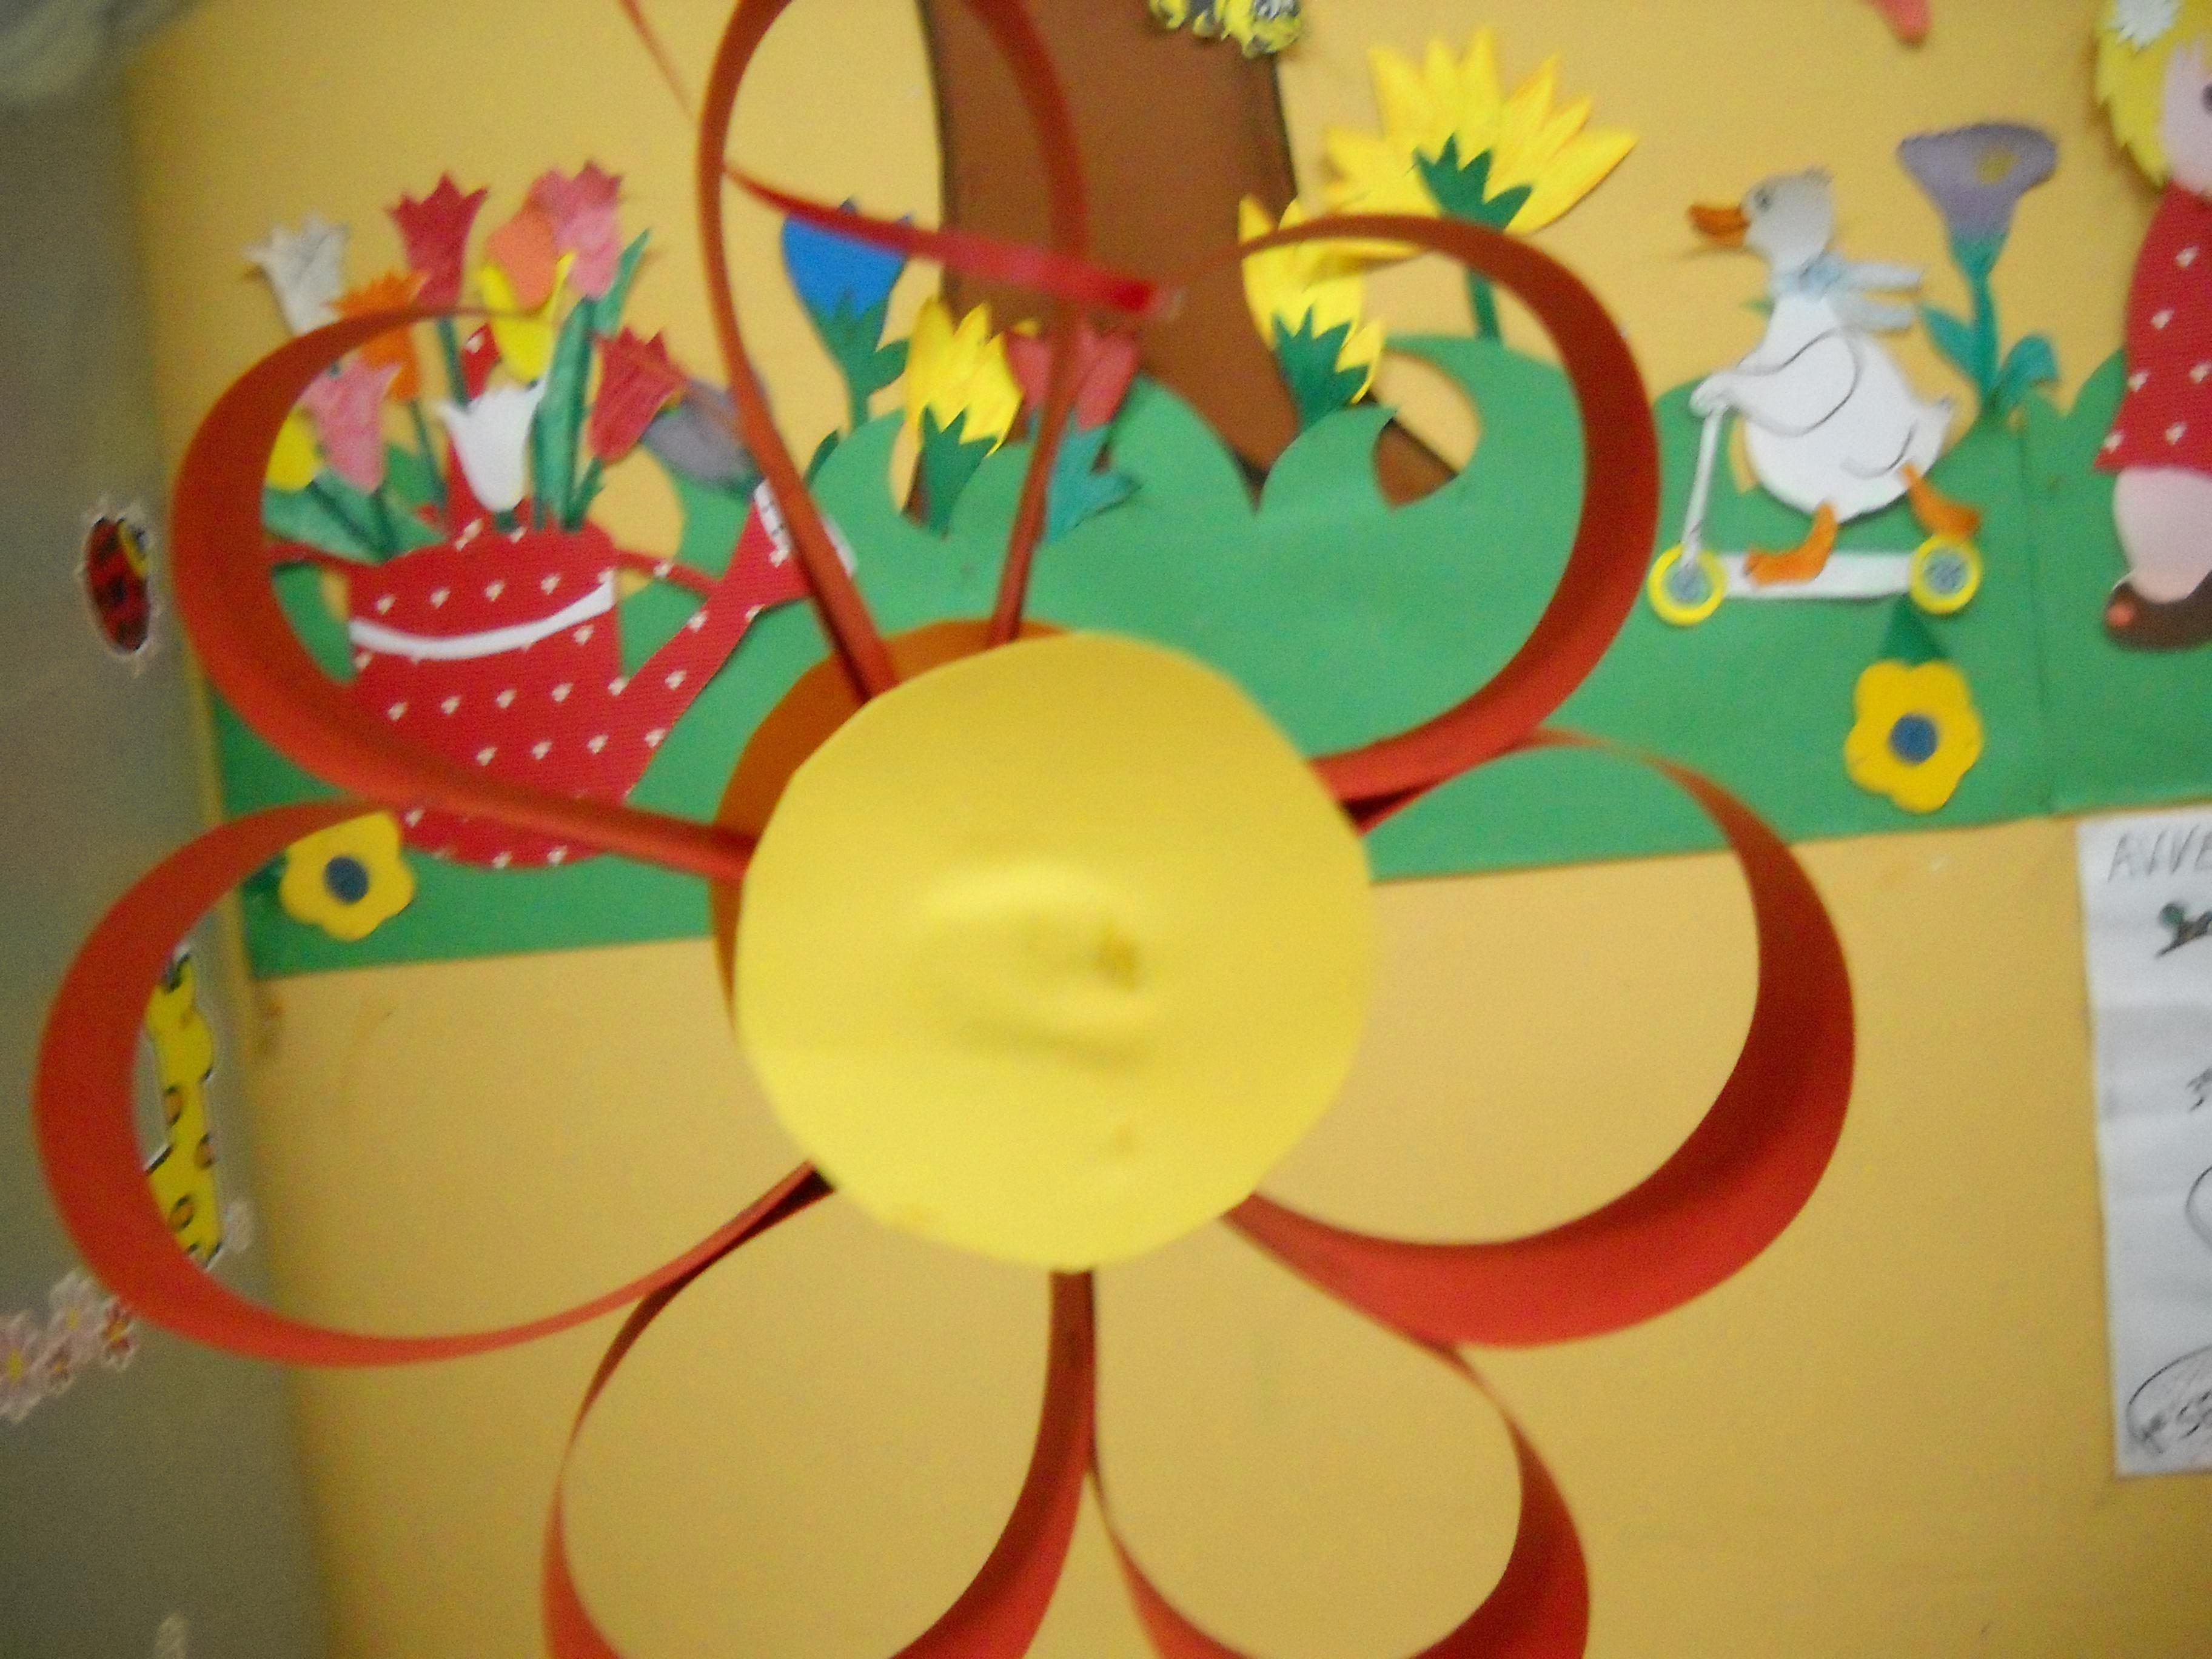 Lavoretti e addobbi primavera filastrocche canti for Addobbi scuola infanzia